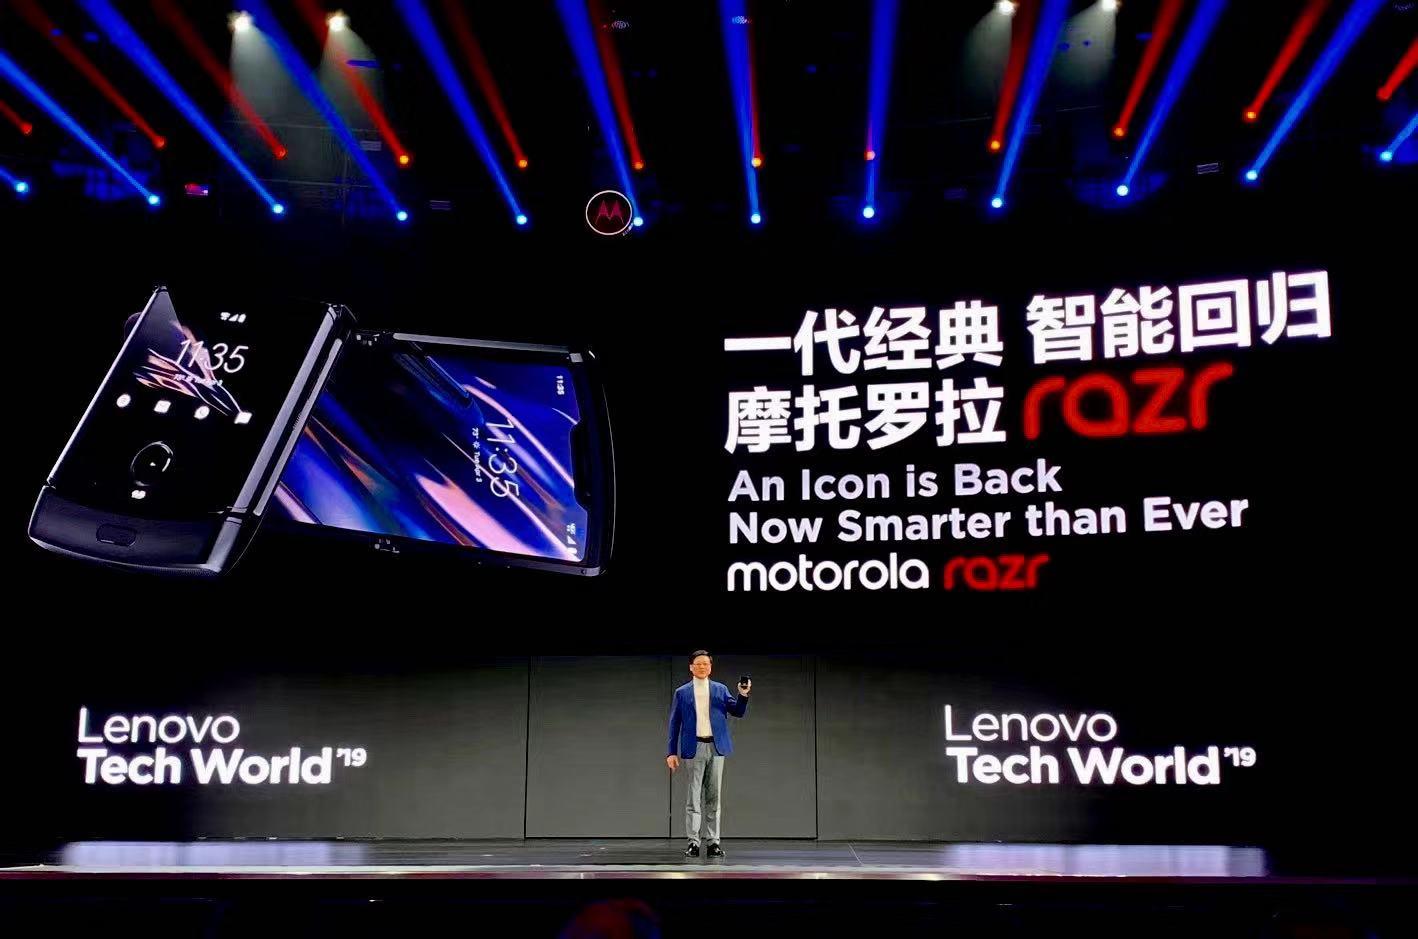 聯想Tech World大會推出多款創新硬件:摩托羅拉RAZR經典回歸 5G PC亮相